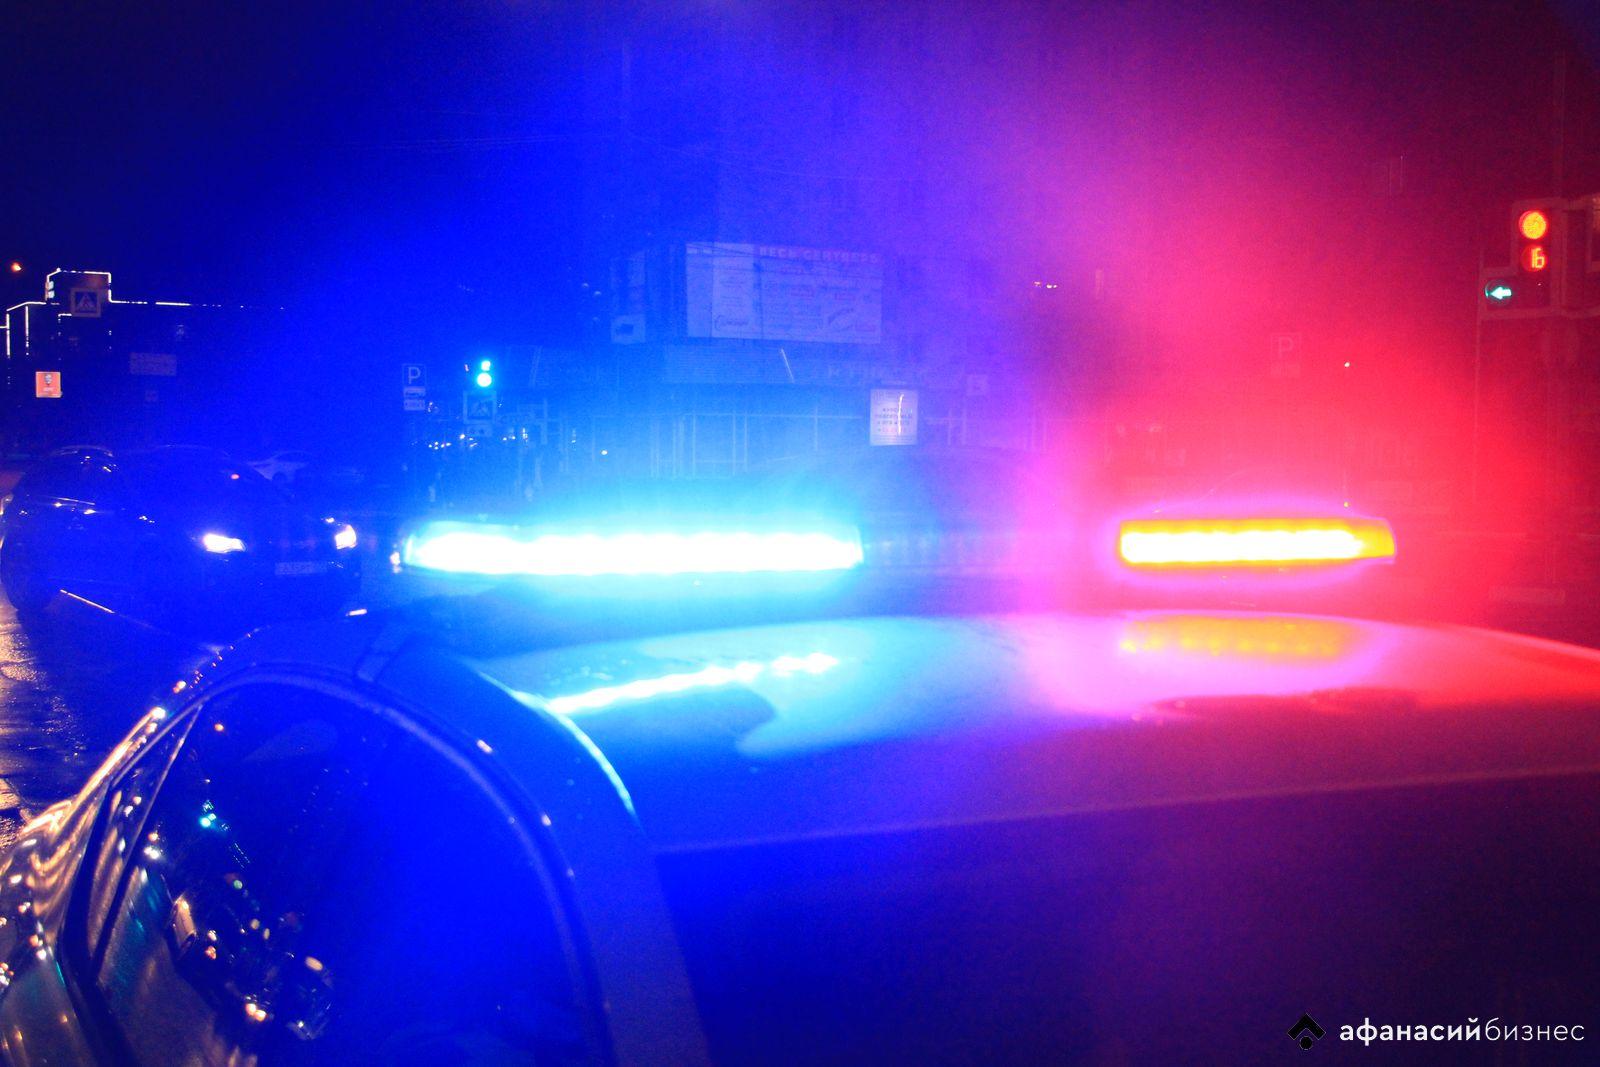 В Тверской области водитель сбил стоявшую на дороге пьяную женщину - новости Афанасий